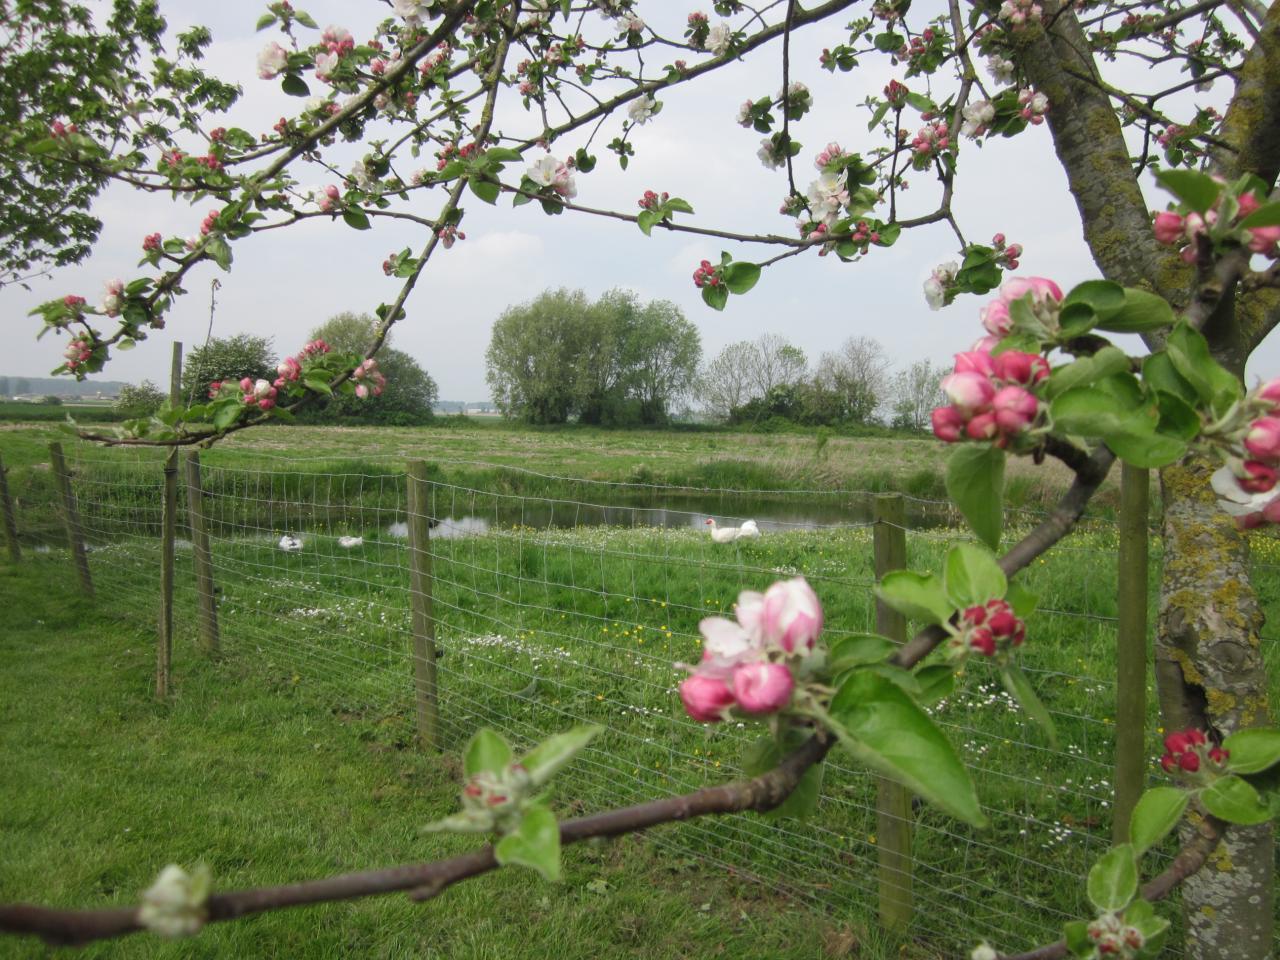 2014-05-01 exteriieur ferme pommier et canards